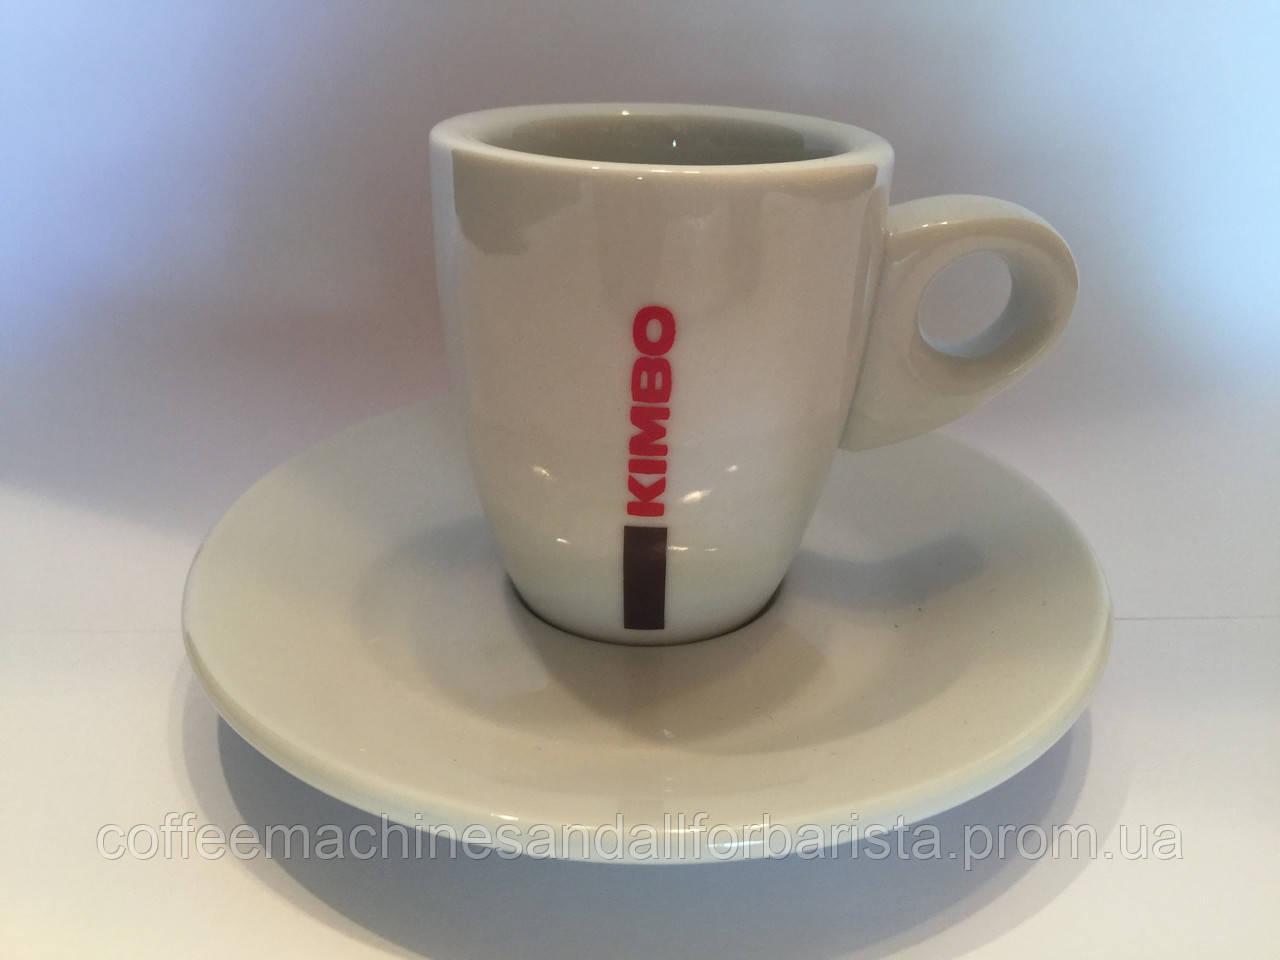 Кофейный сервиз (Kimbo Espresso)